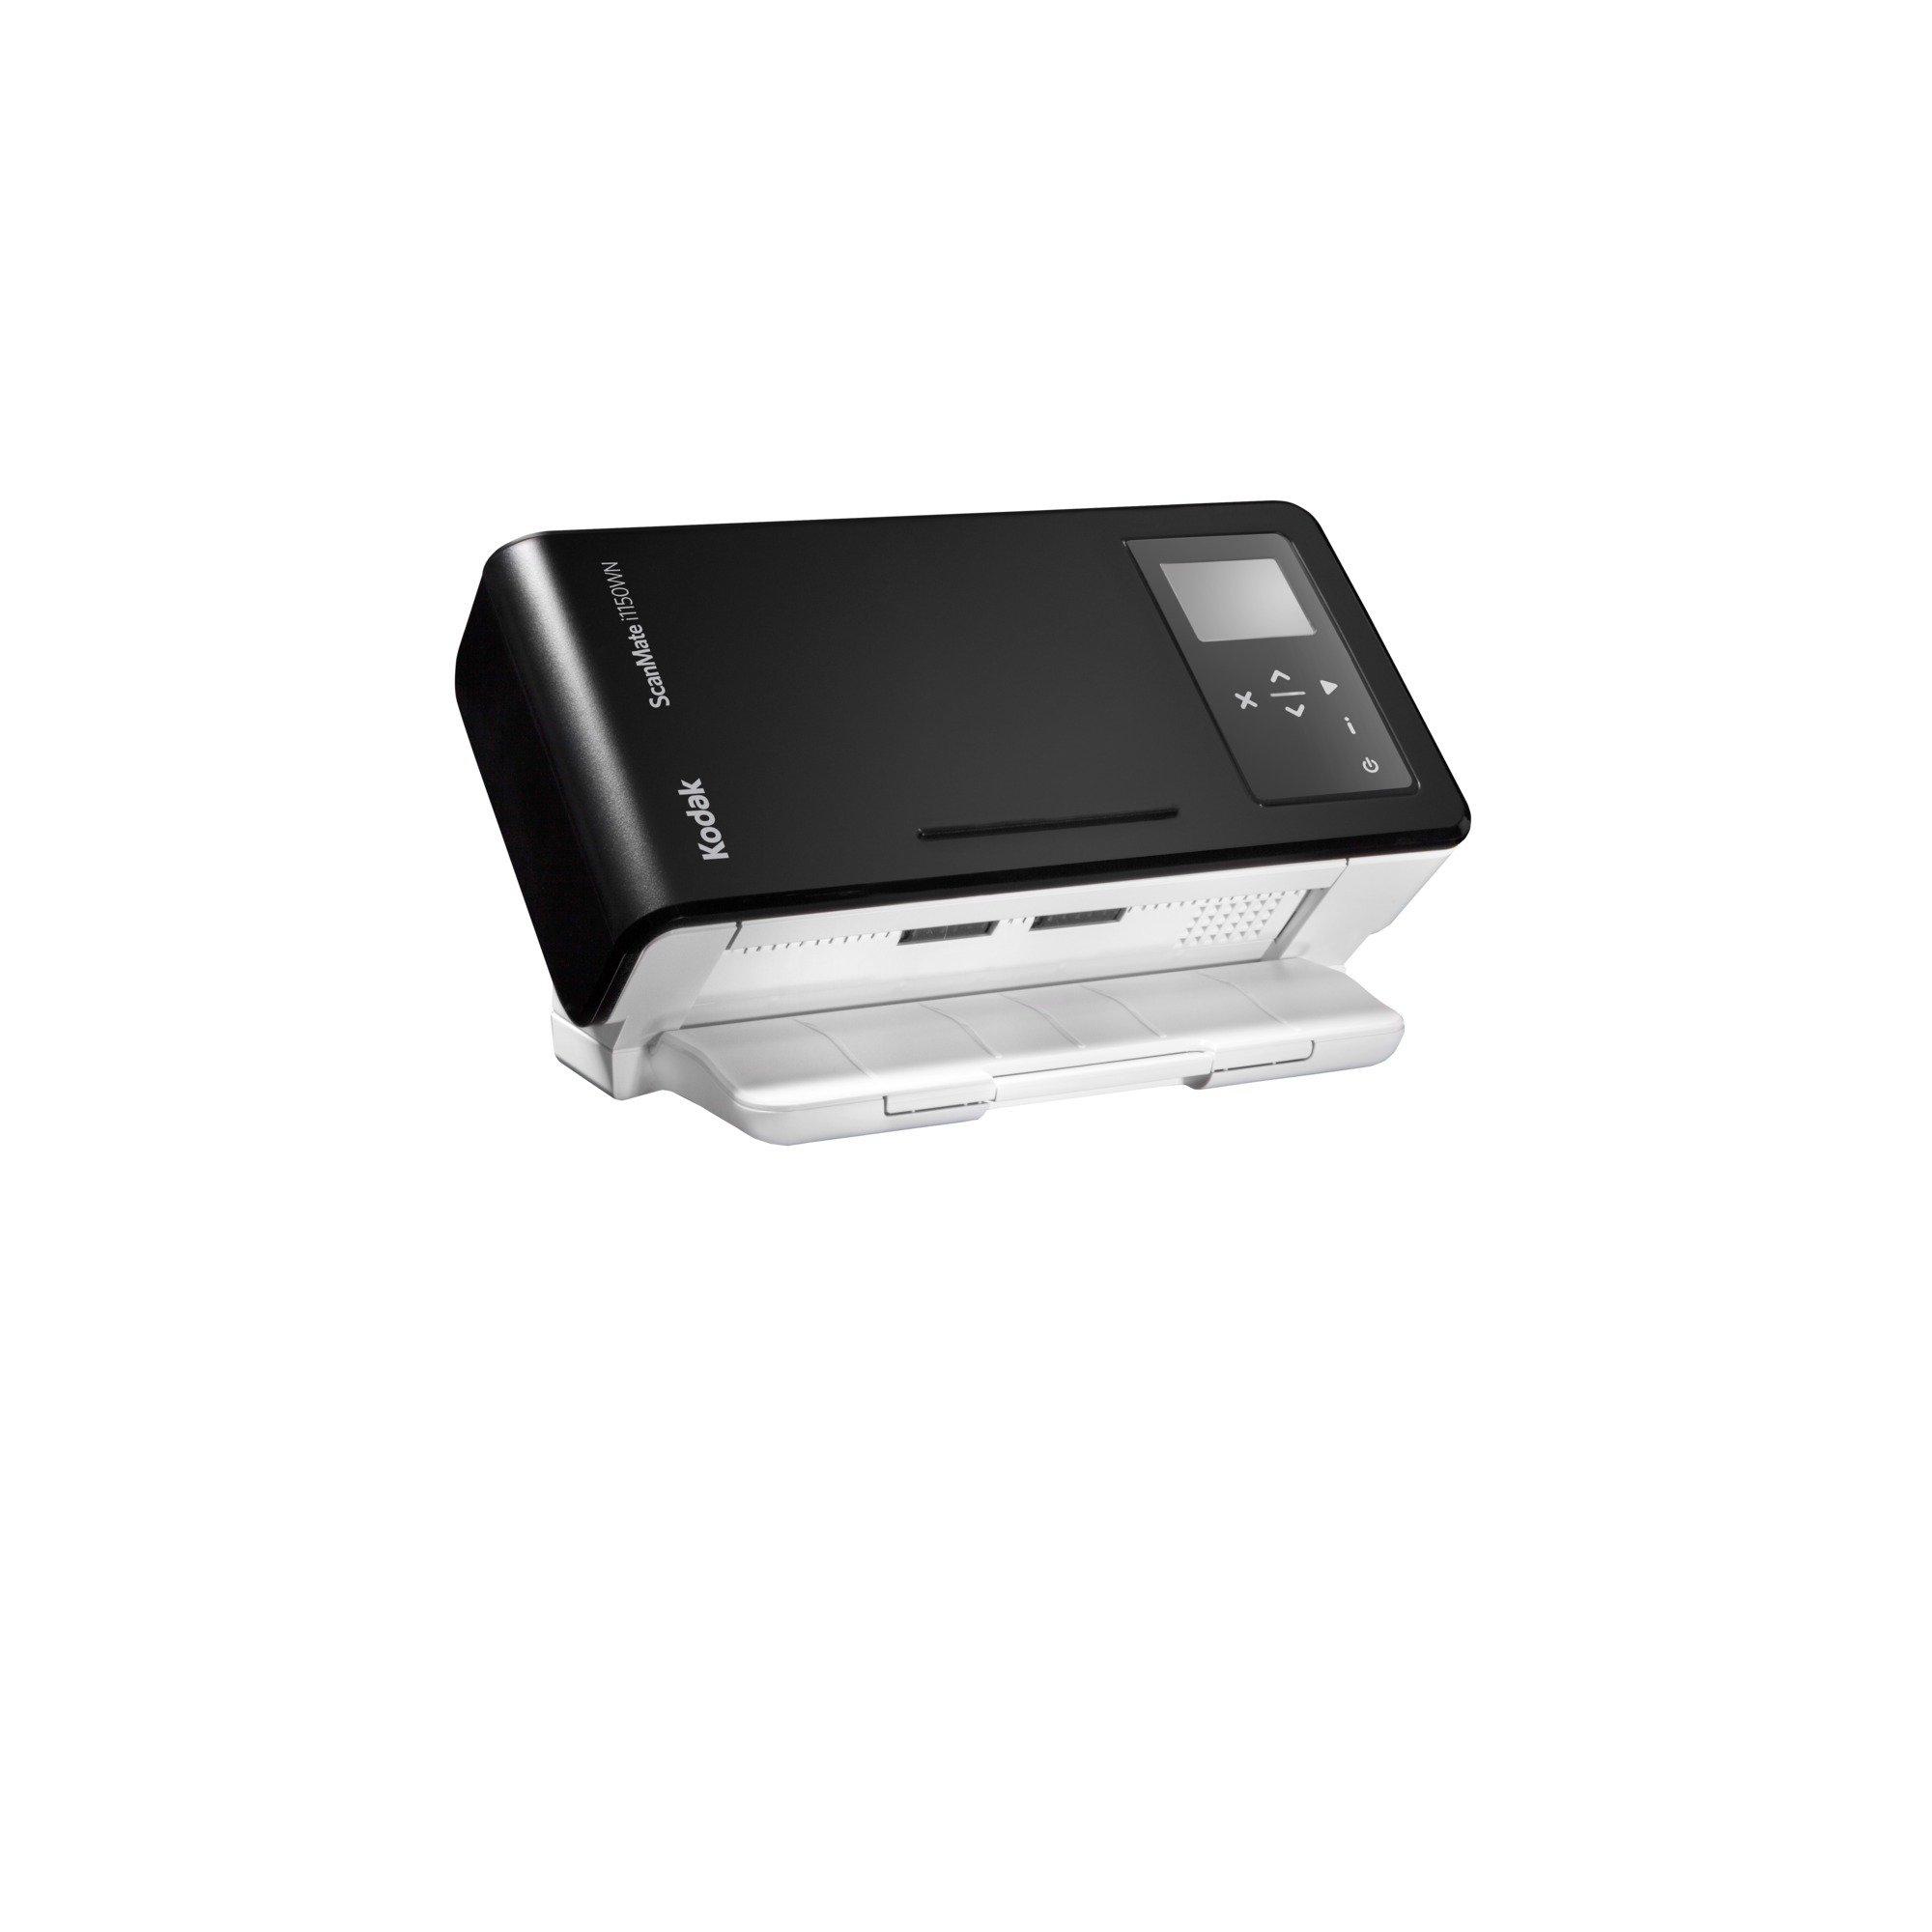 ScanMate i1150WN Scanner Escáner con alimentador automático de documentos (ADF) 600 x 600DPI A4 Negro, Escáner de alimentación de hojas